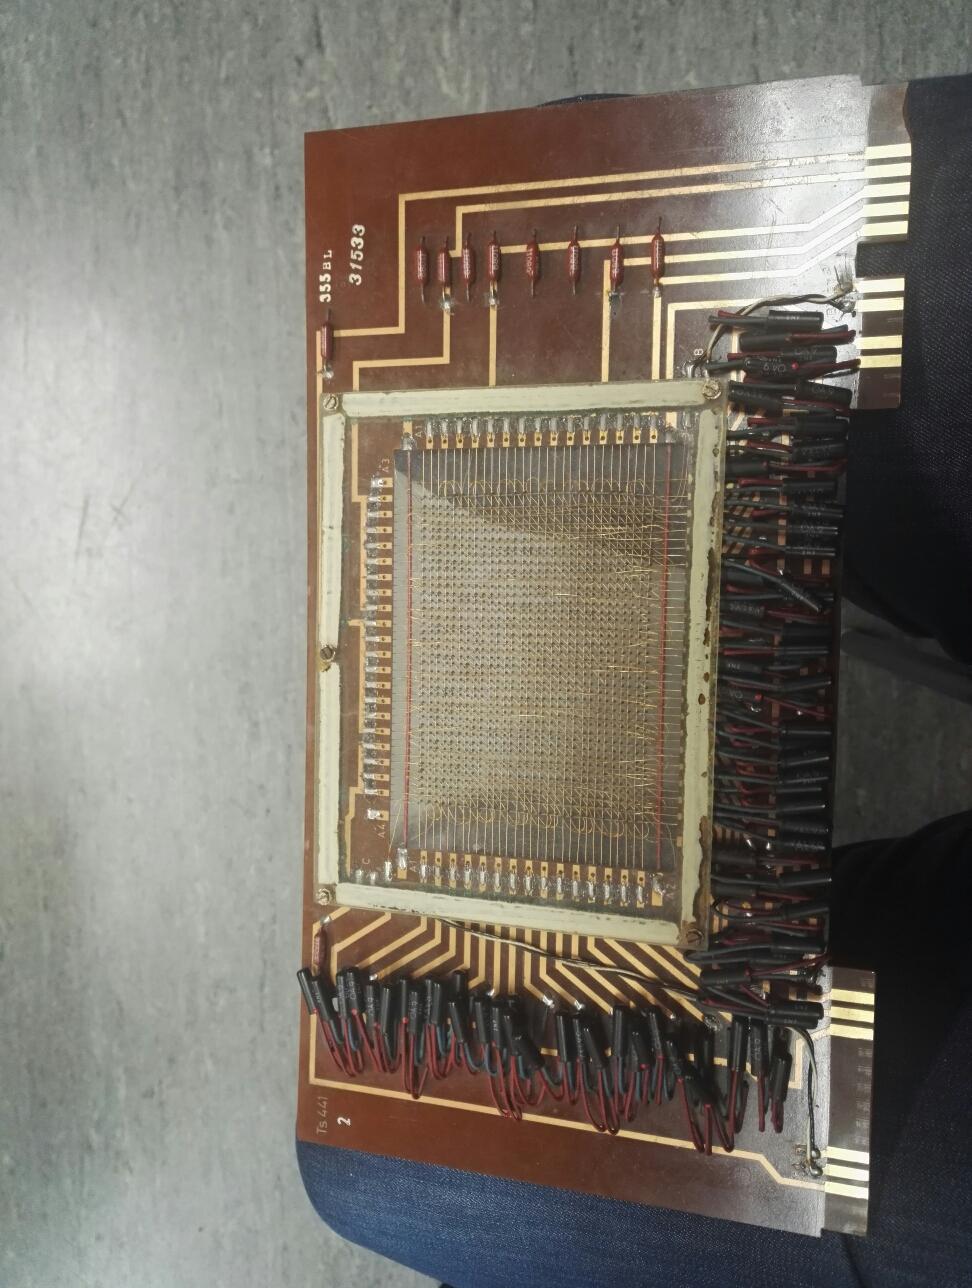 Z23 core memory